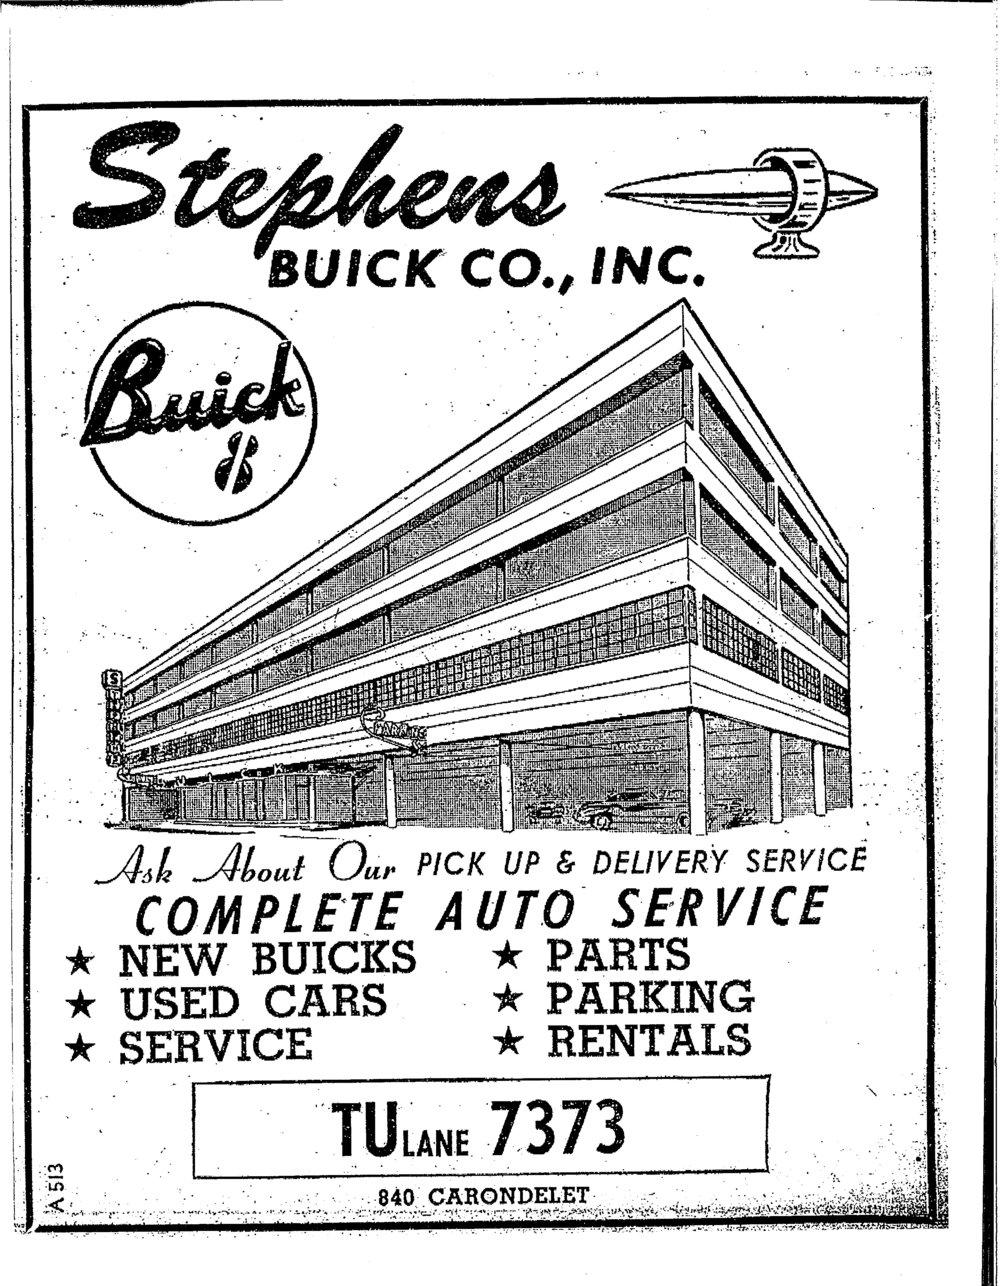 Stephens Phone Book Drawing.jpg